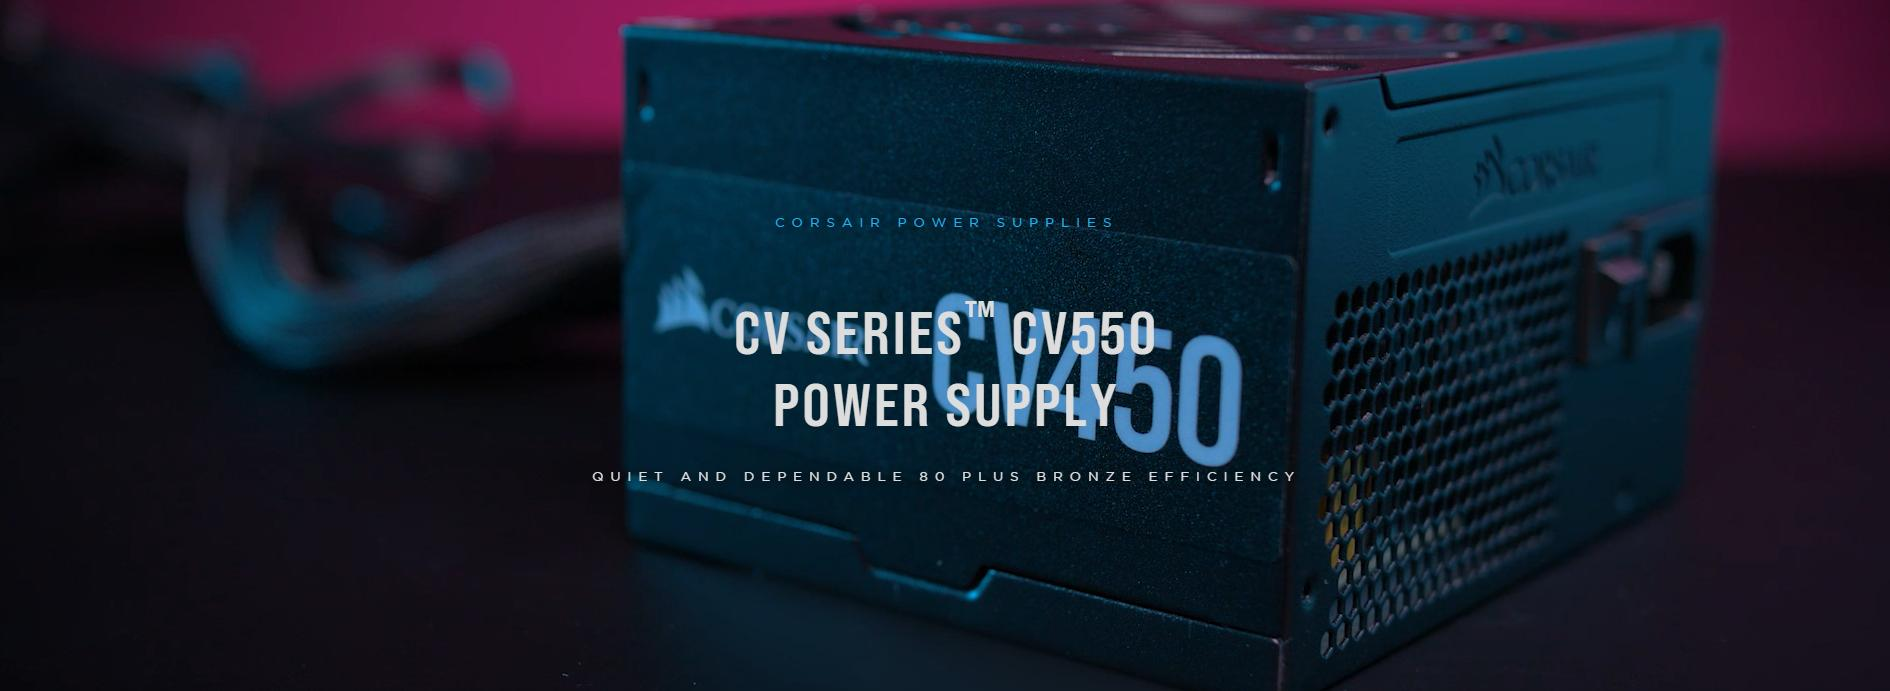 Nguồn Corsair Series CV 650 650W (80 Plus Brone/Mầu Đen) giới thiệu 1